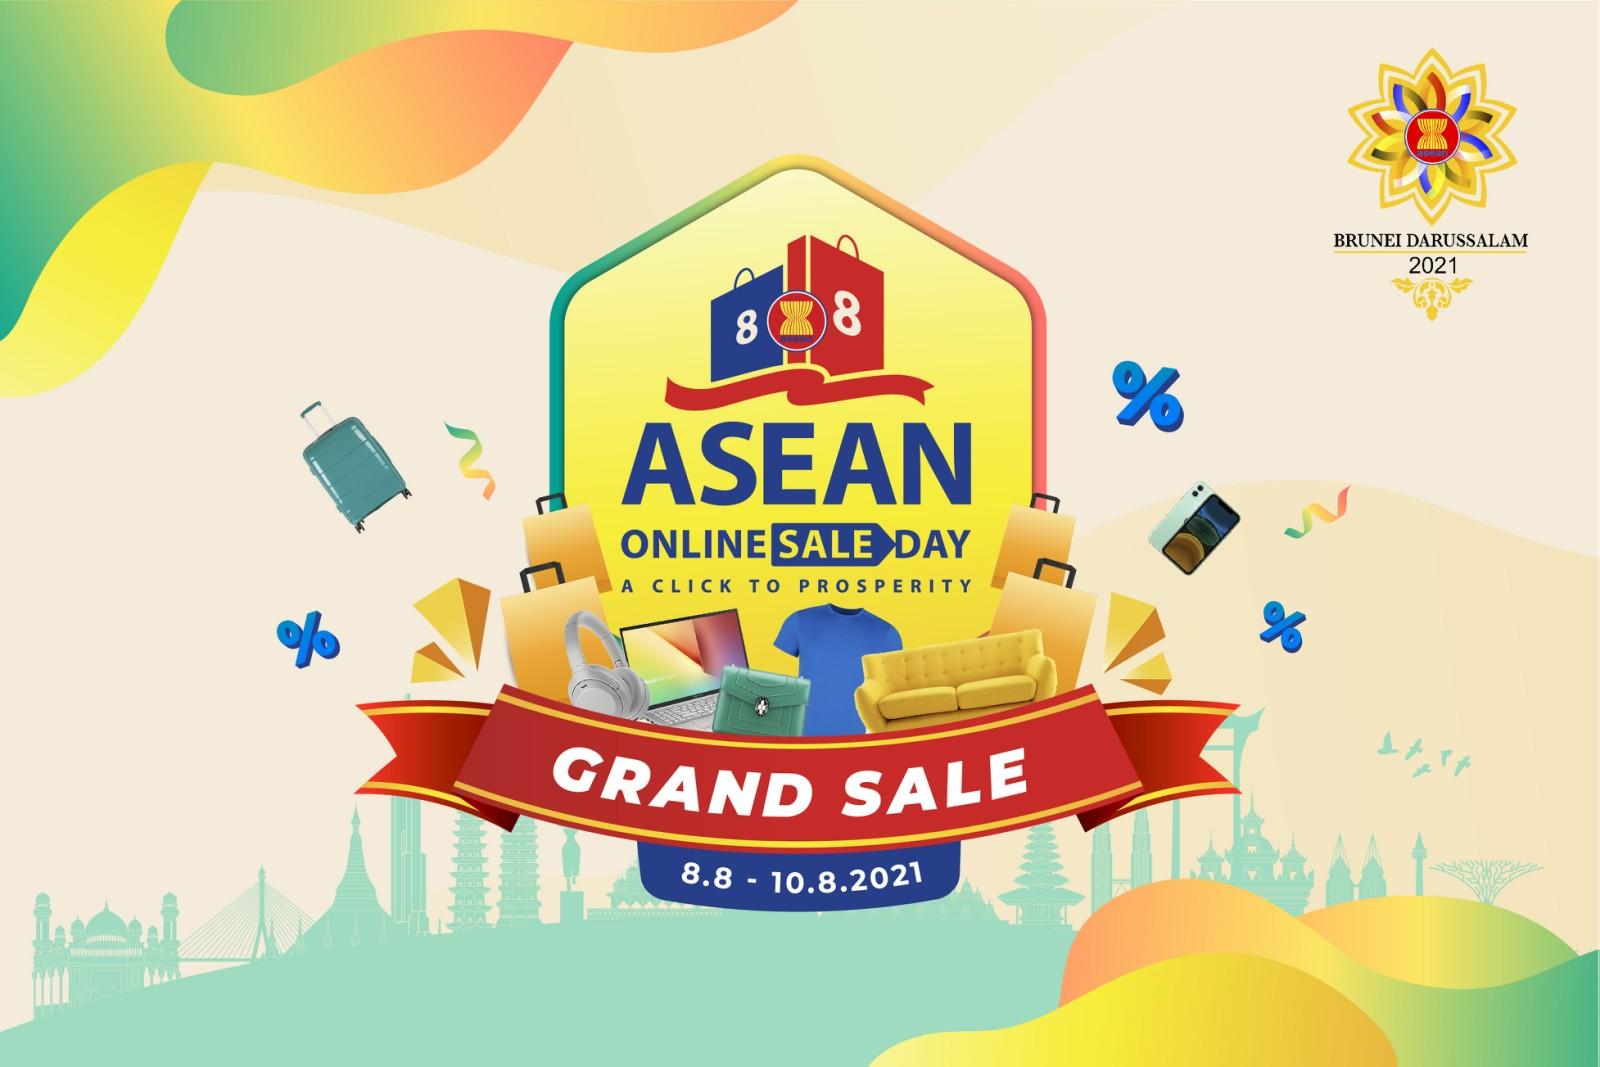 ASEAN ONLINE SALDE DAY 2021